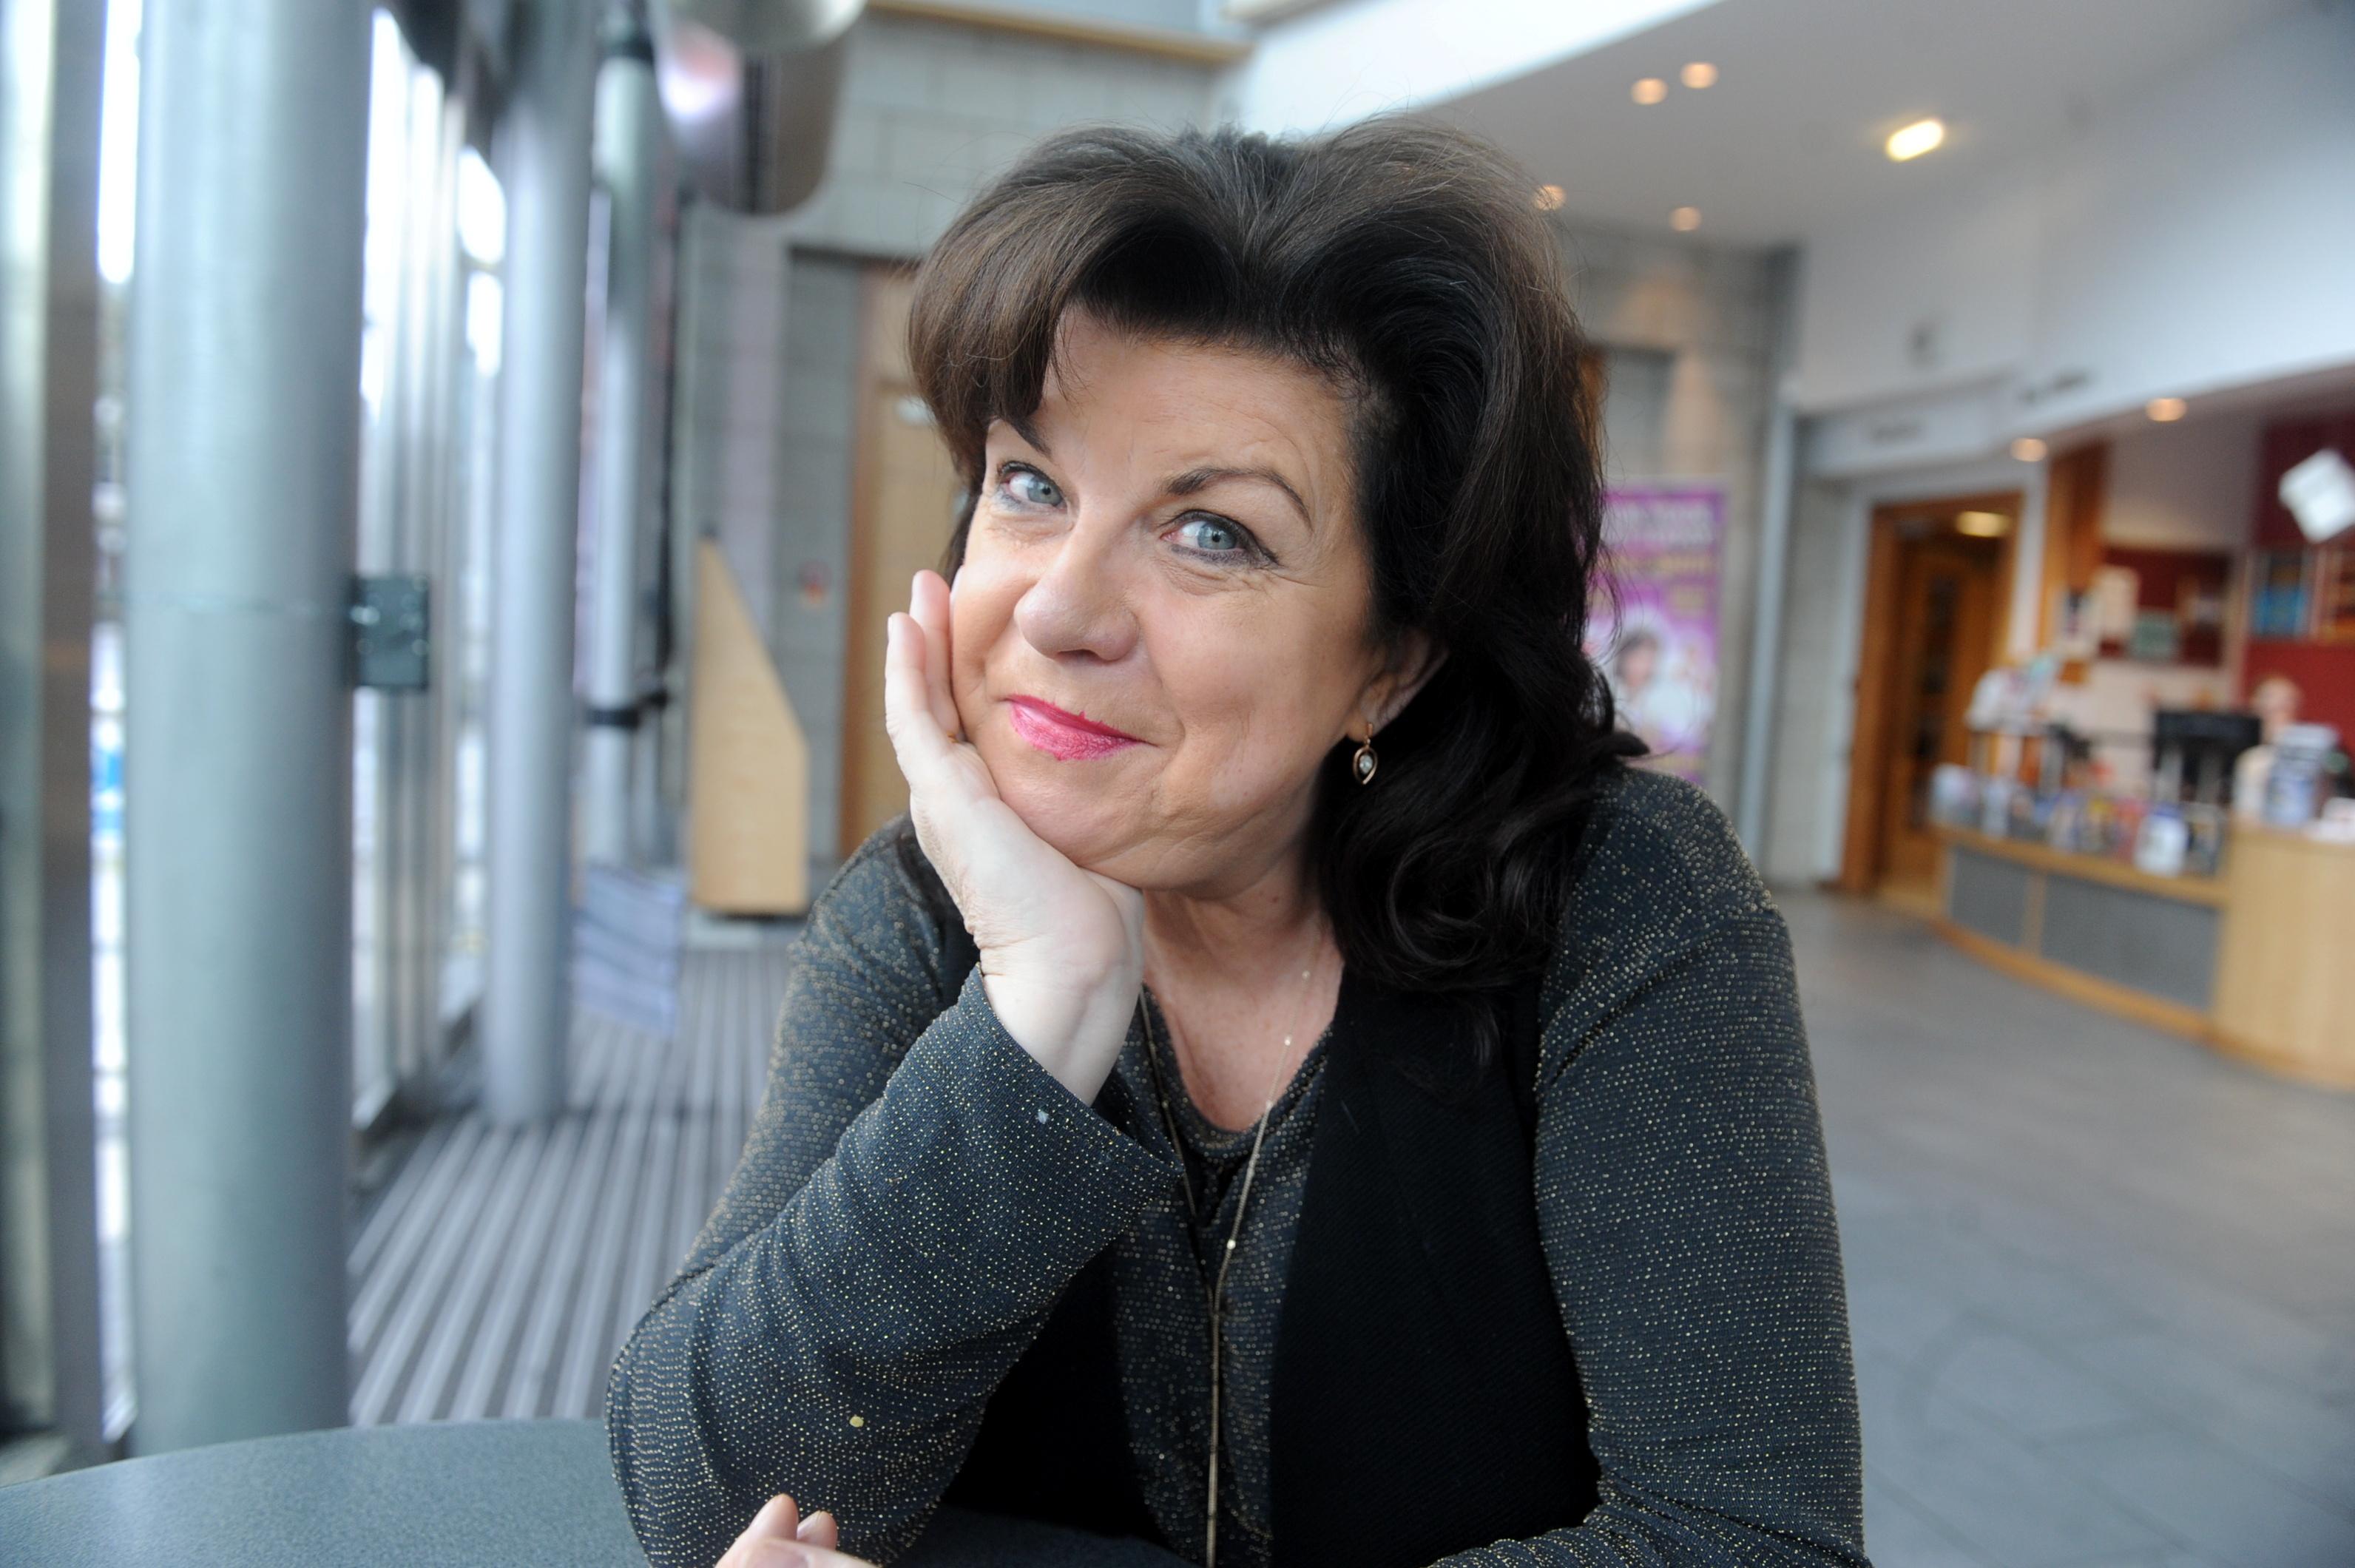 Elaine C Smith will take part in Dick McWhittington at HMT.